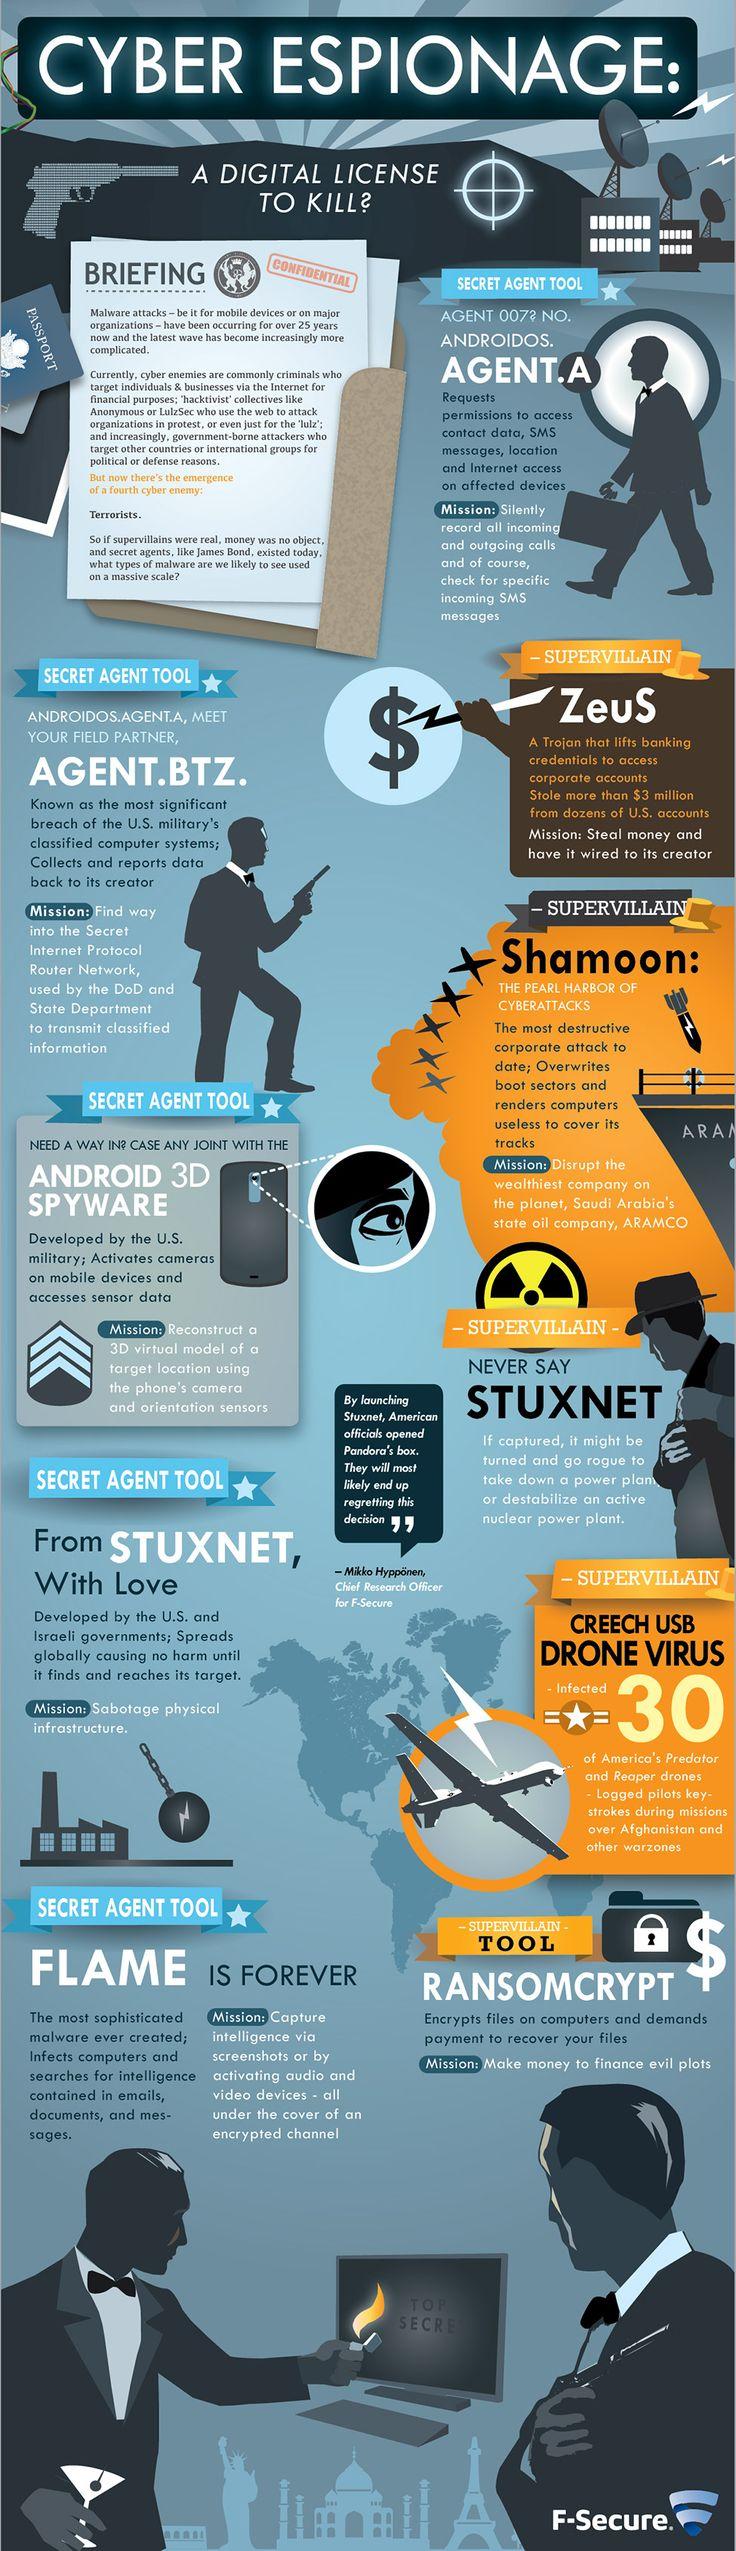 """Der aktuelle James Bond Skyfall macht es uns gerade vor, wie Geheimagenten heute  mit """"malware"""" arbeiten.  Wer hat Angst vorm Mann im Smartphone?"""